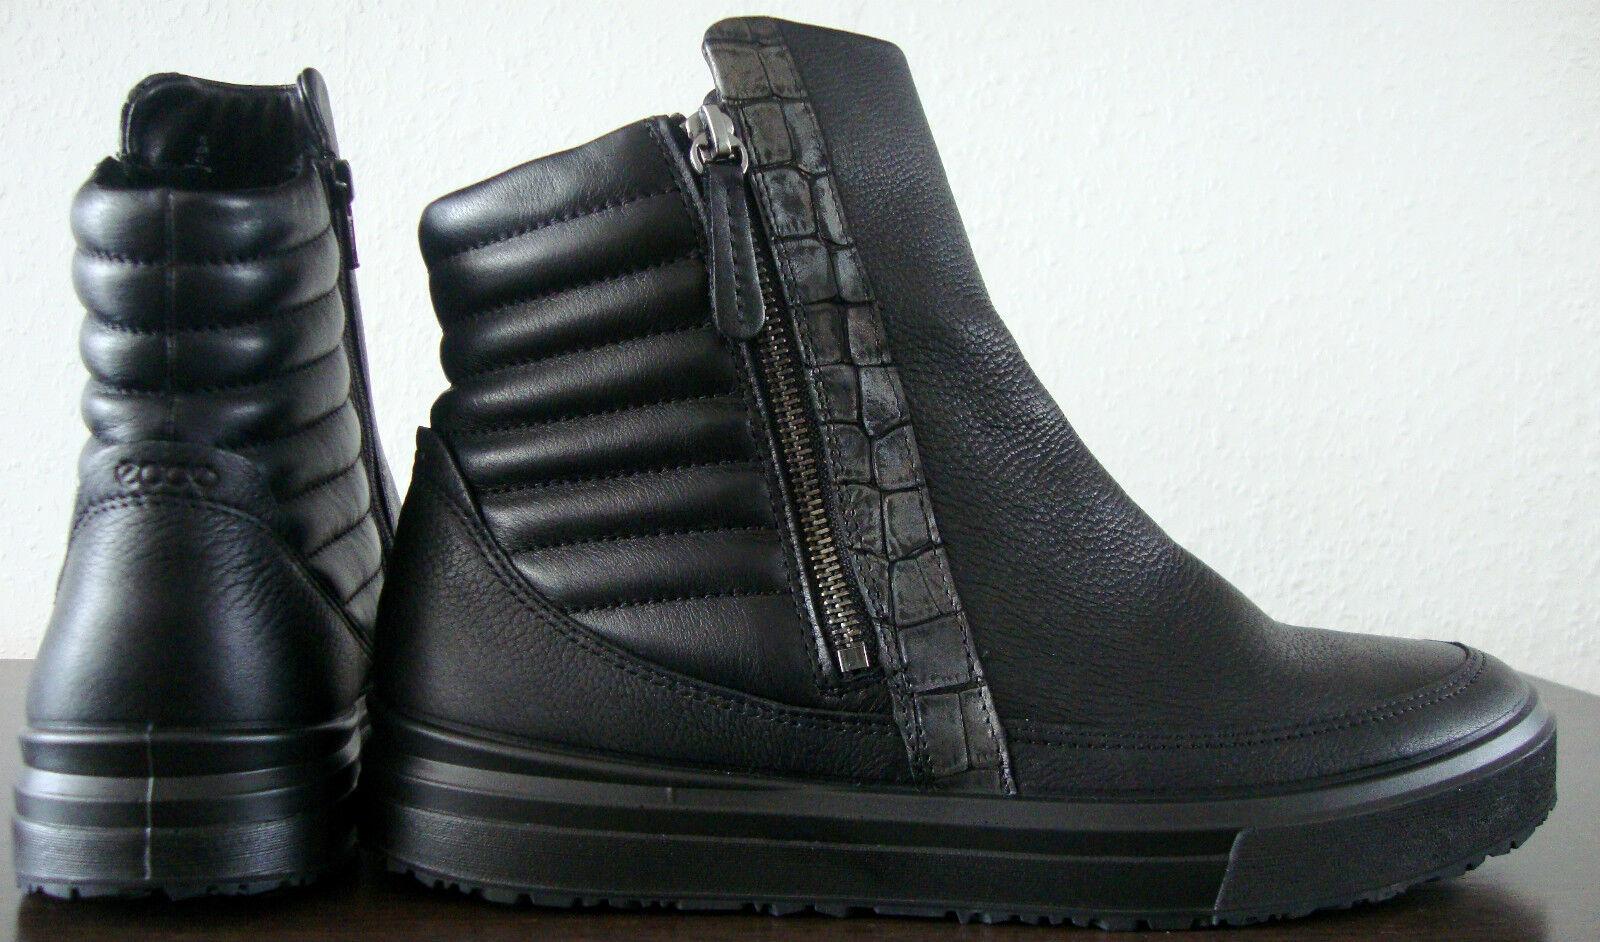 Zapatos casuales salvajes Ecco Boots señores Chukka brevemente caña botas botines zapatos Black talla 42 nuevo